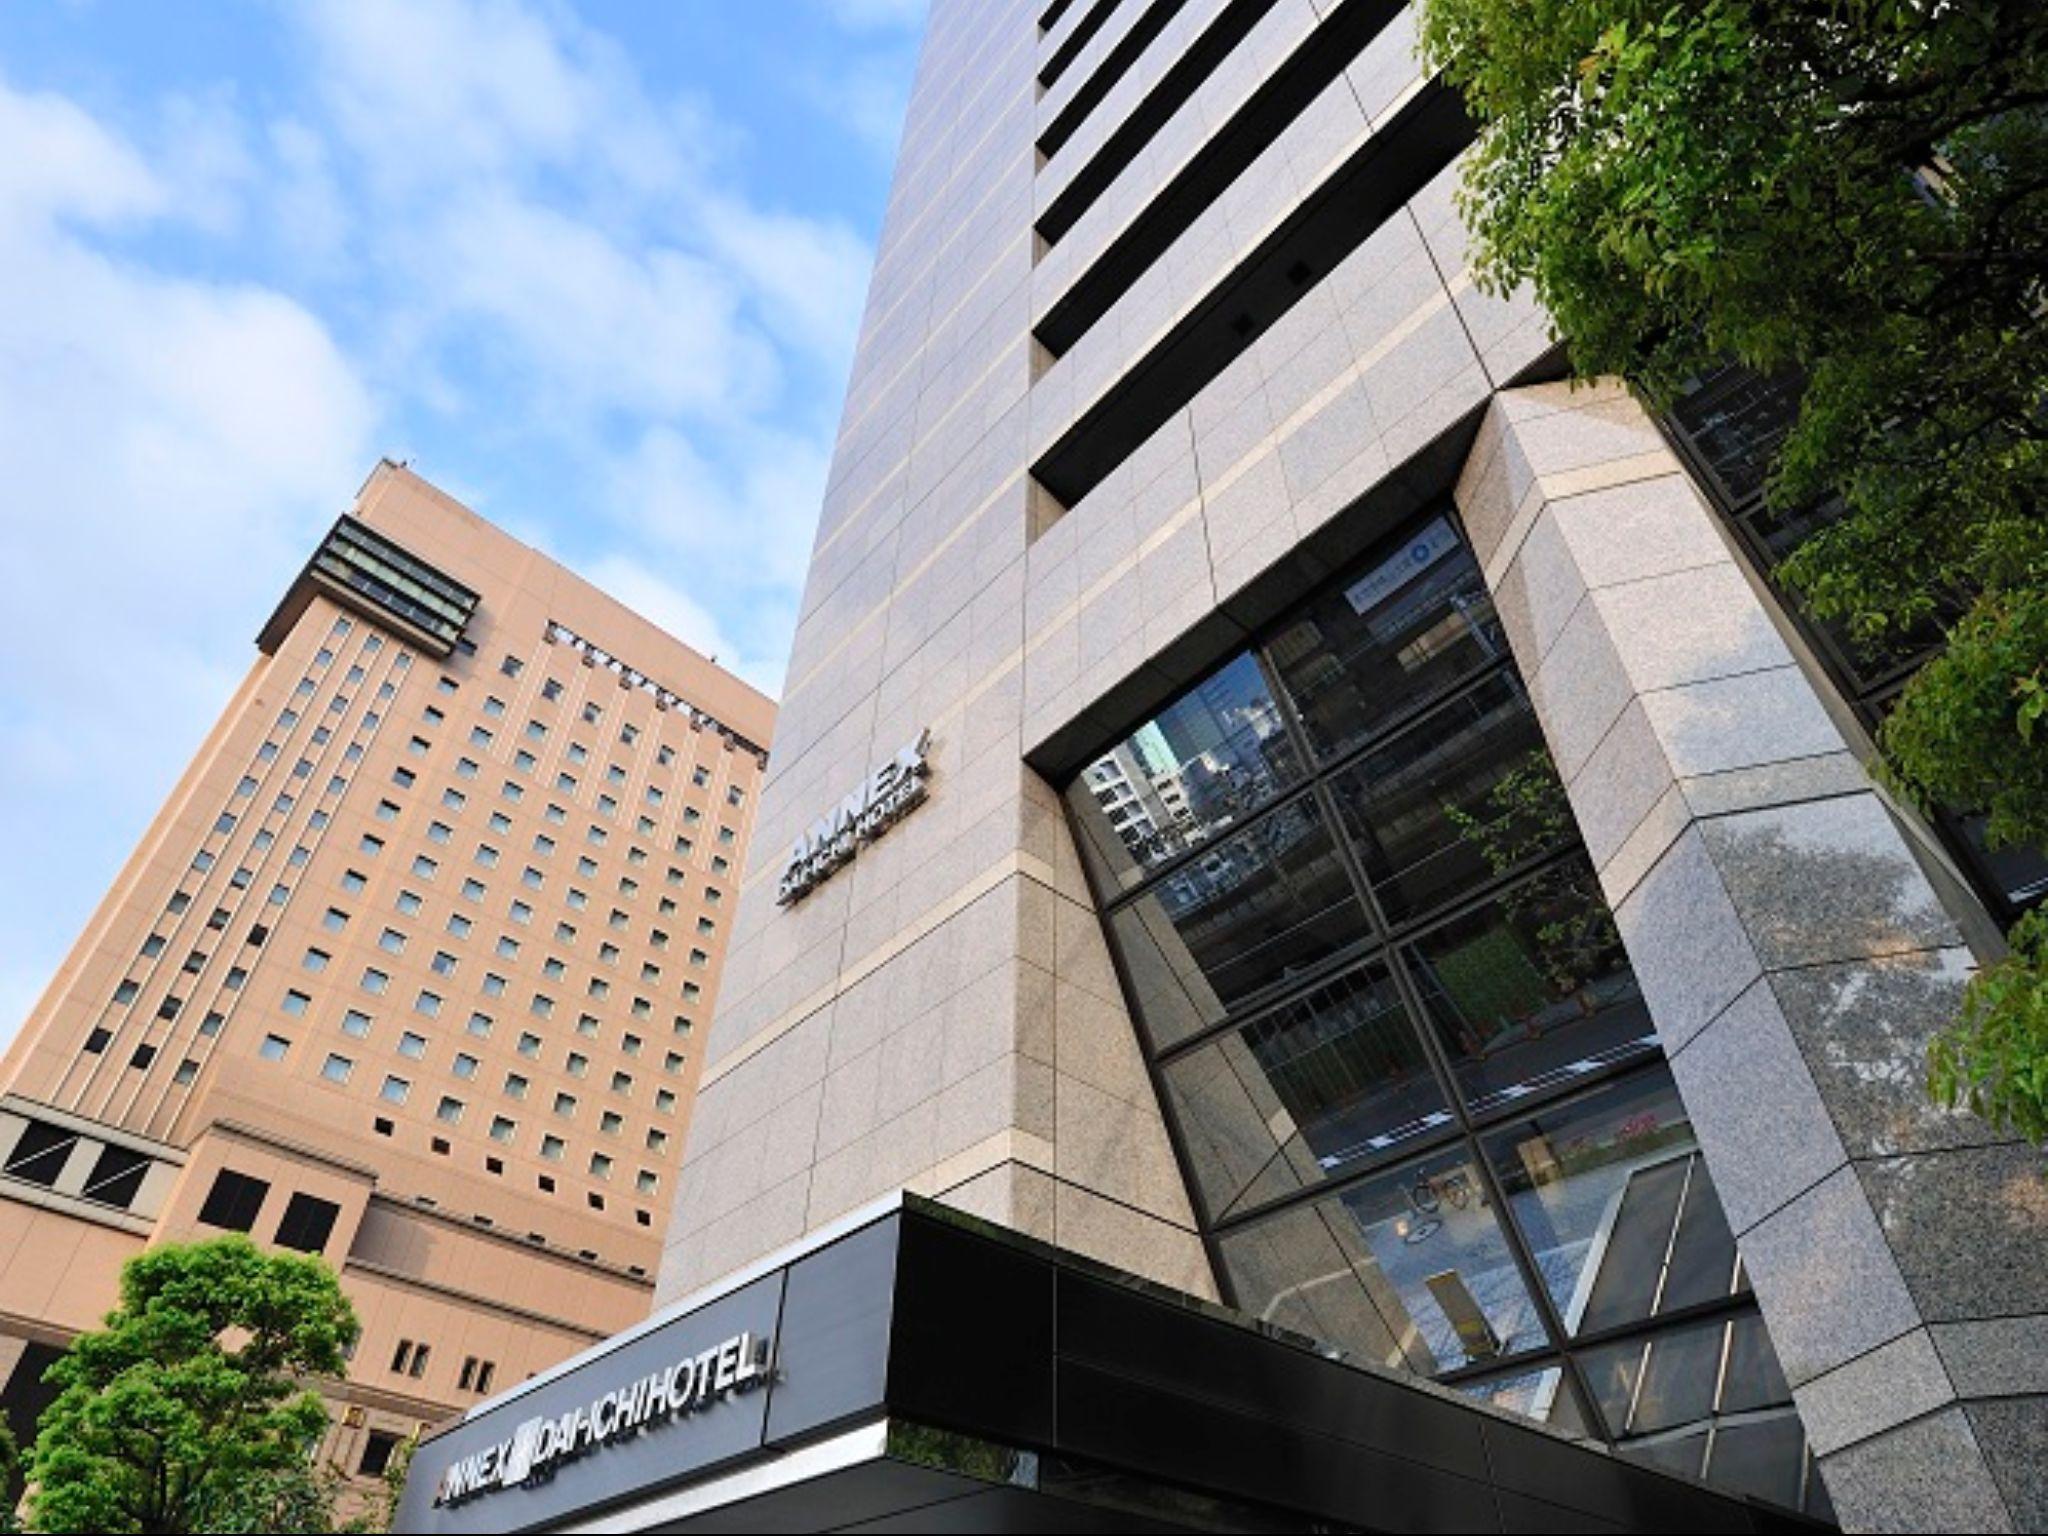 Dai-ichi Hotel Annex, Tokyo